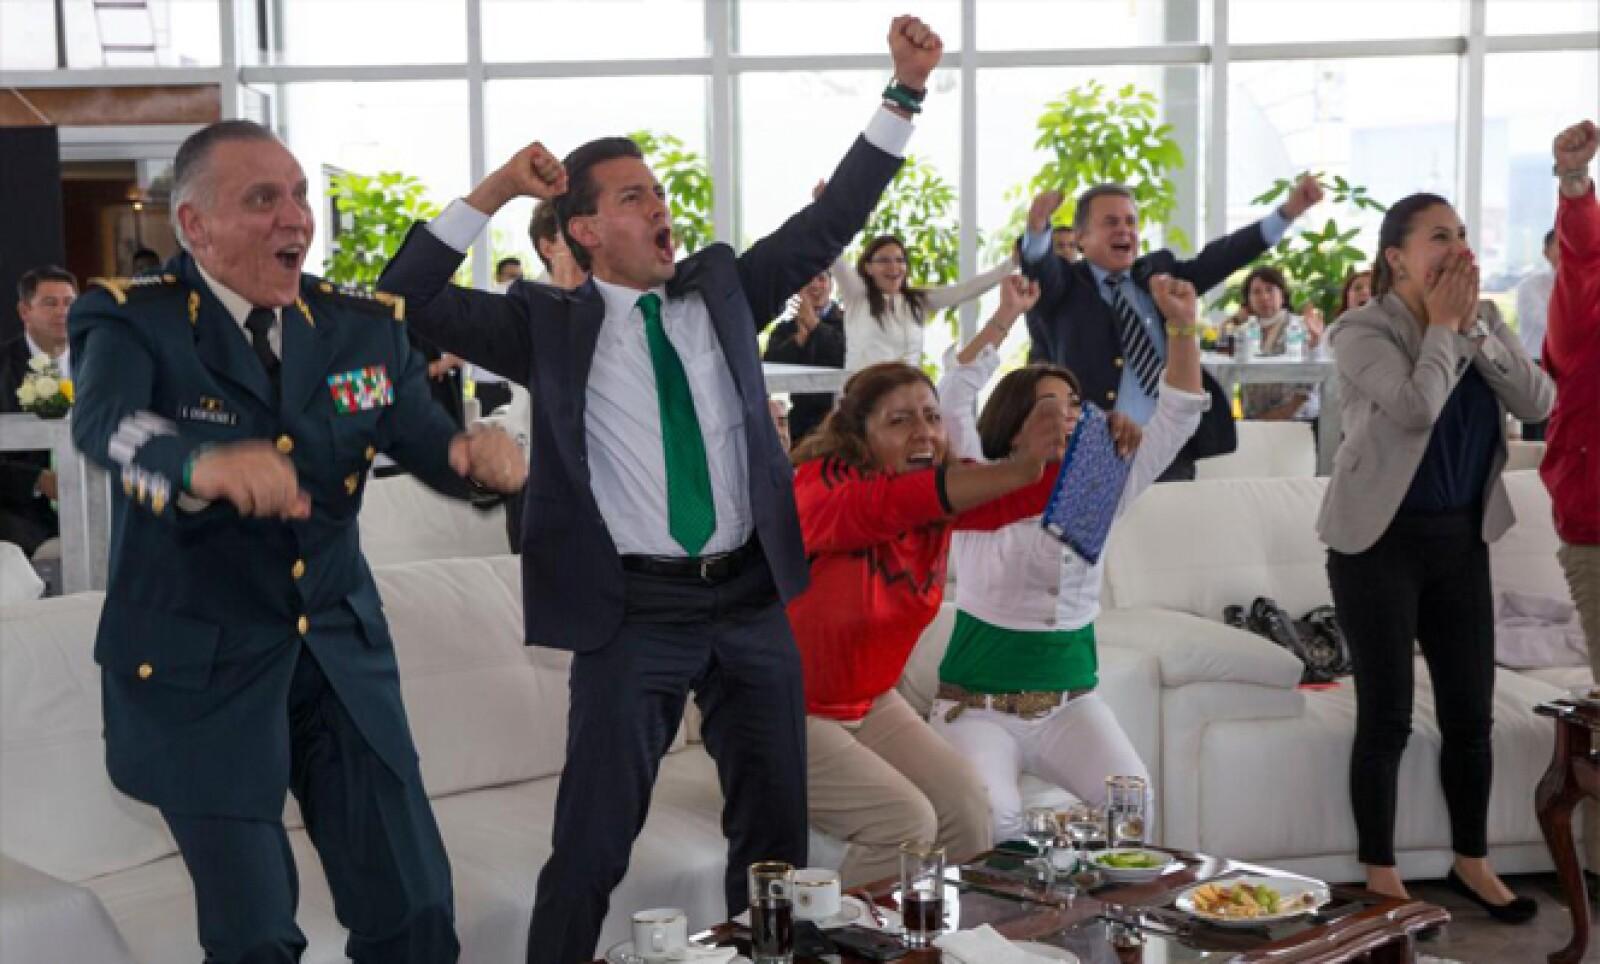 El mandatario mexicano Enrique Peña Nieto saltó de su asiento al celebrar uno de los goles del partido. Estuvo acompañado de Salvador Cienfuegos, titular de la Sedena.